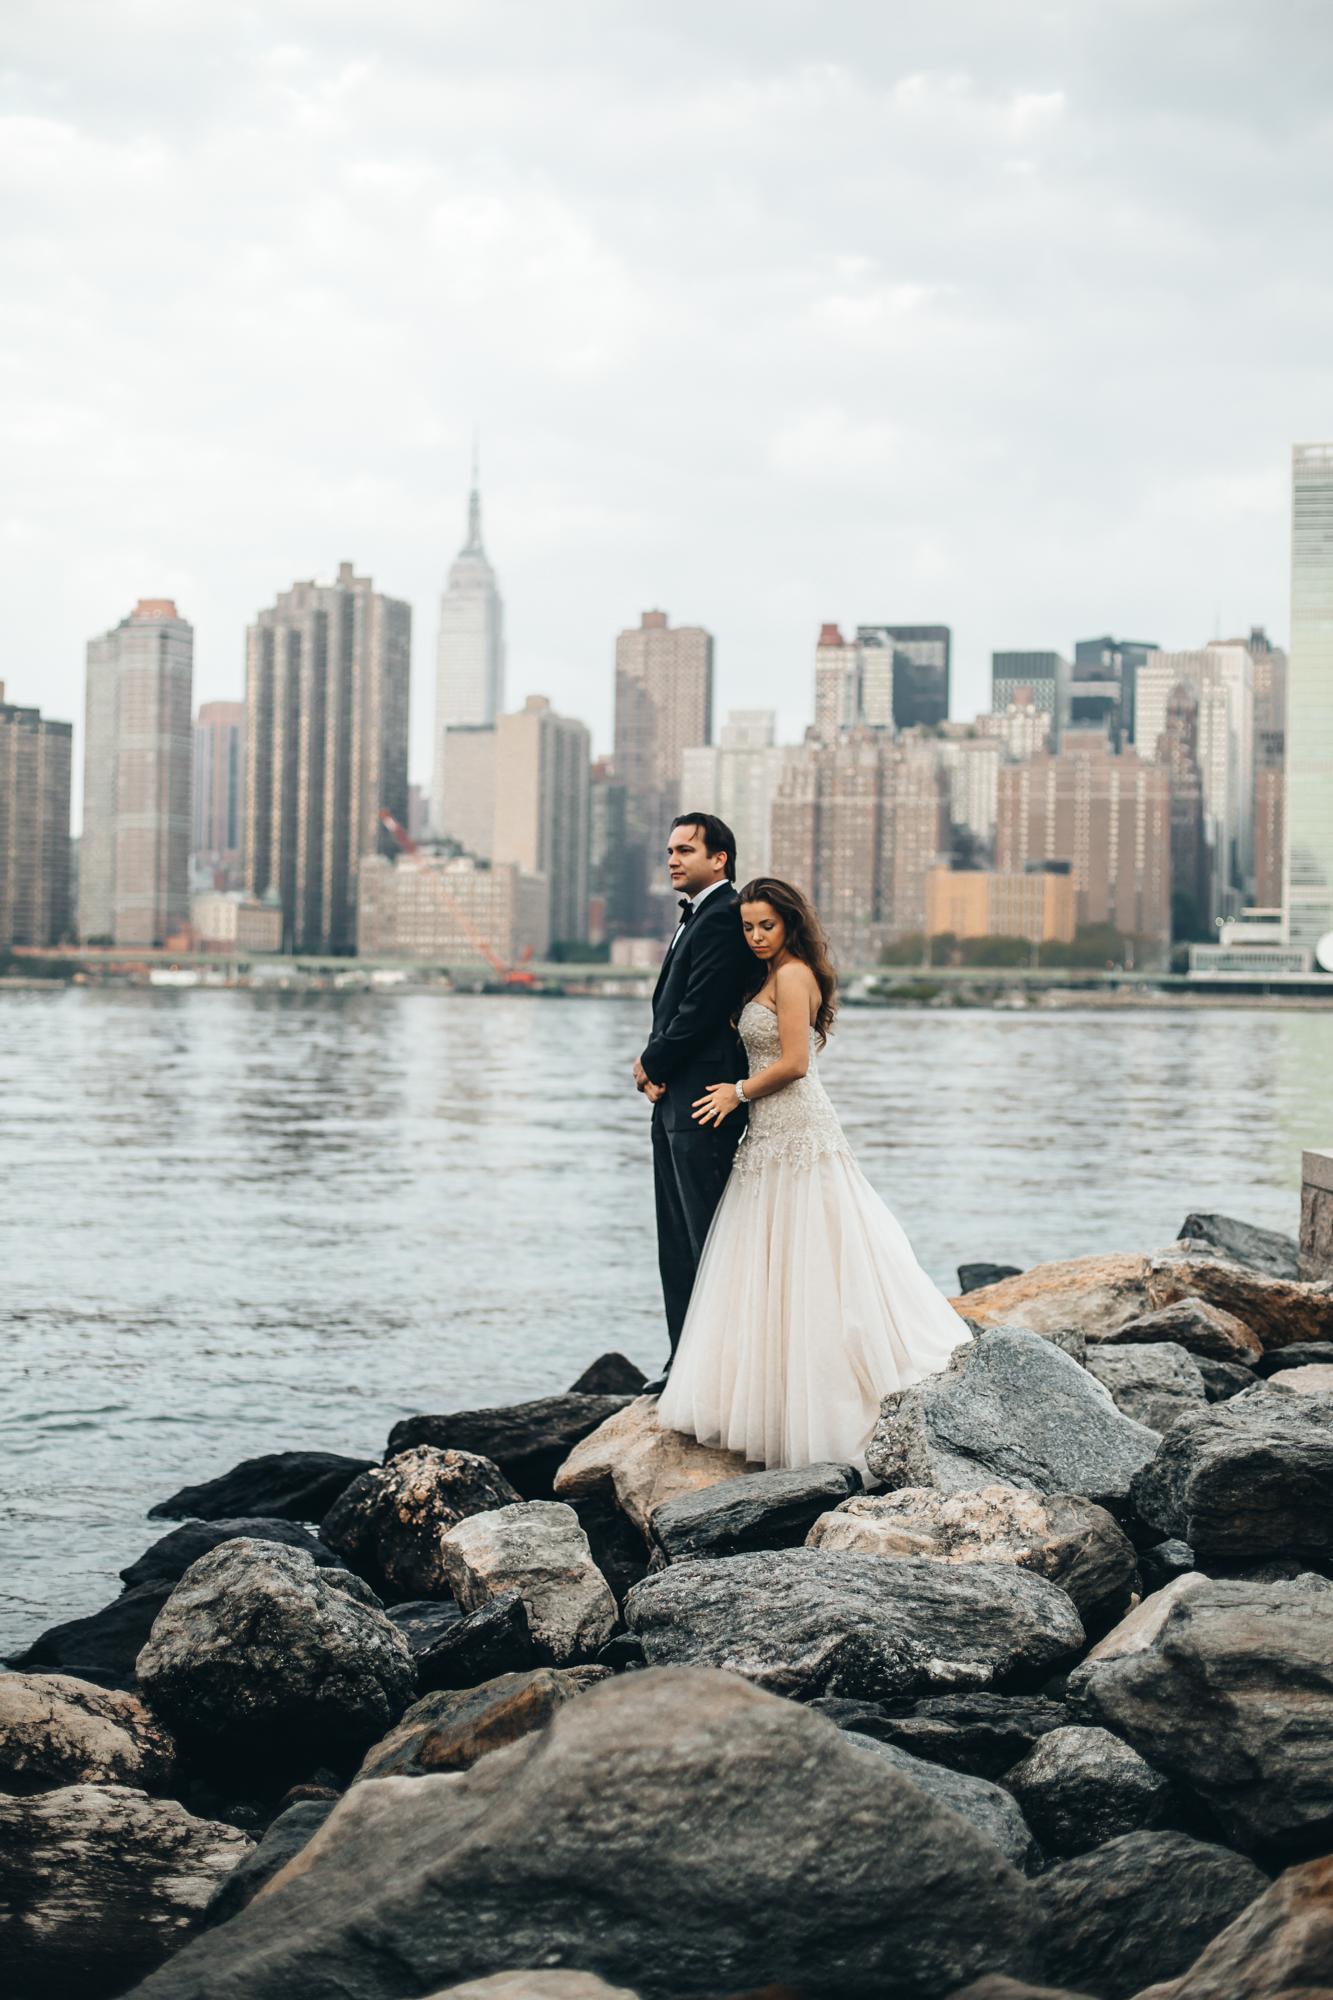 New York Wedding Photographer Boris Zaretsky Boris_Zaretsky_Photography__B2C6270-Edit-2 copy.jpg